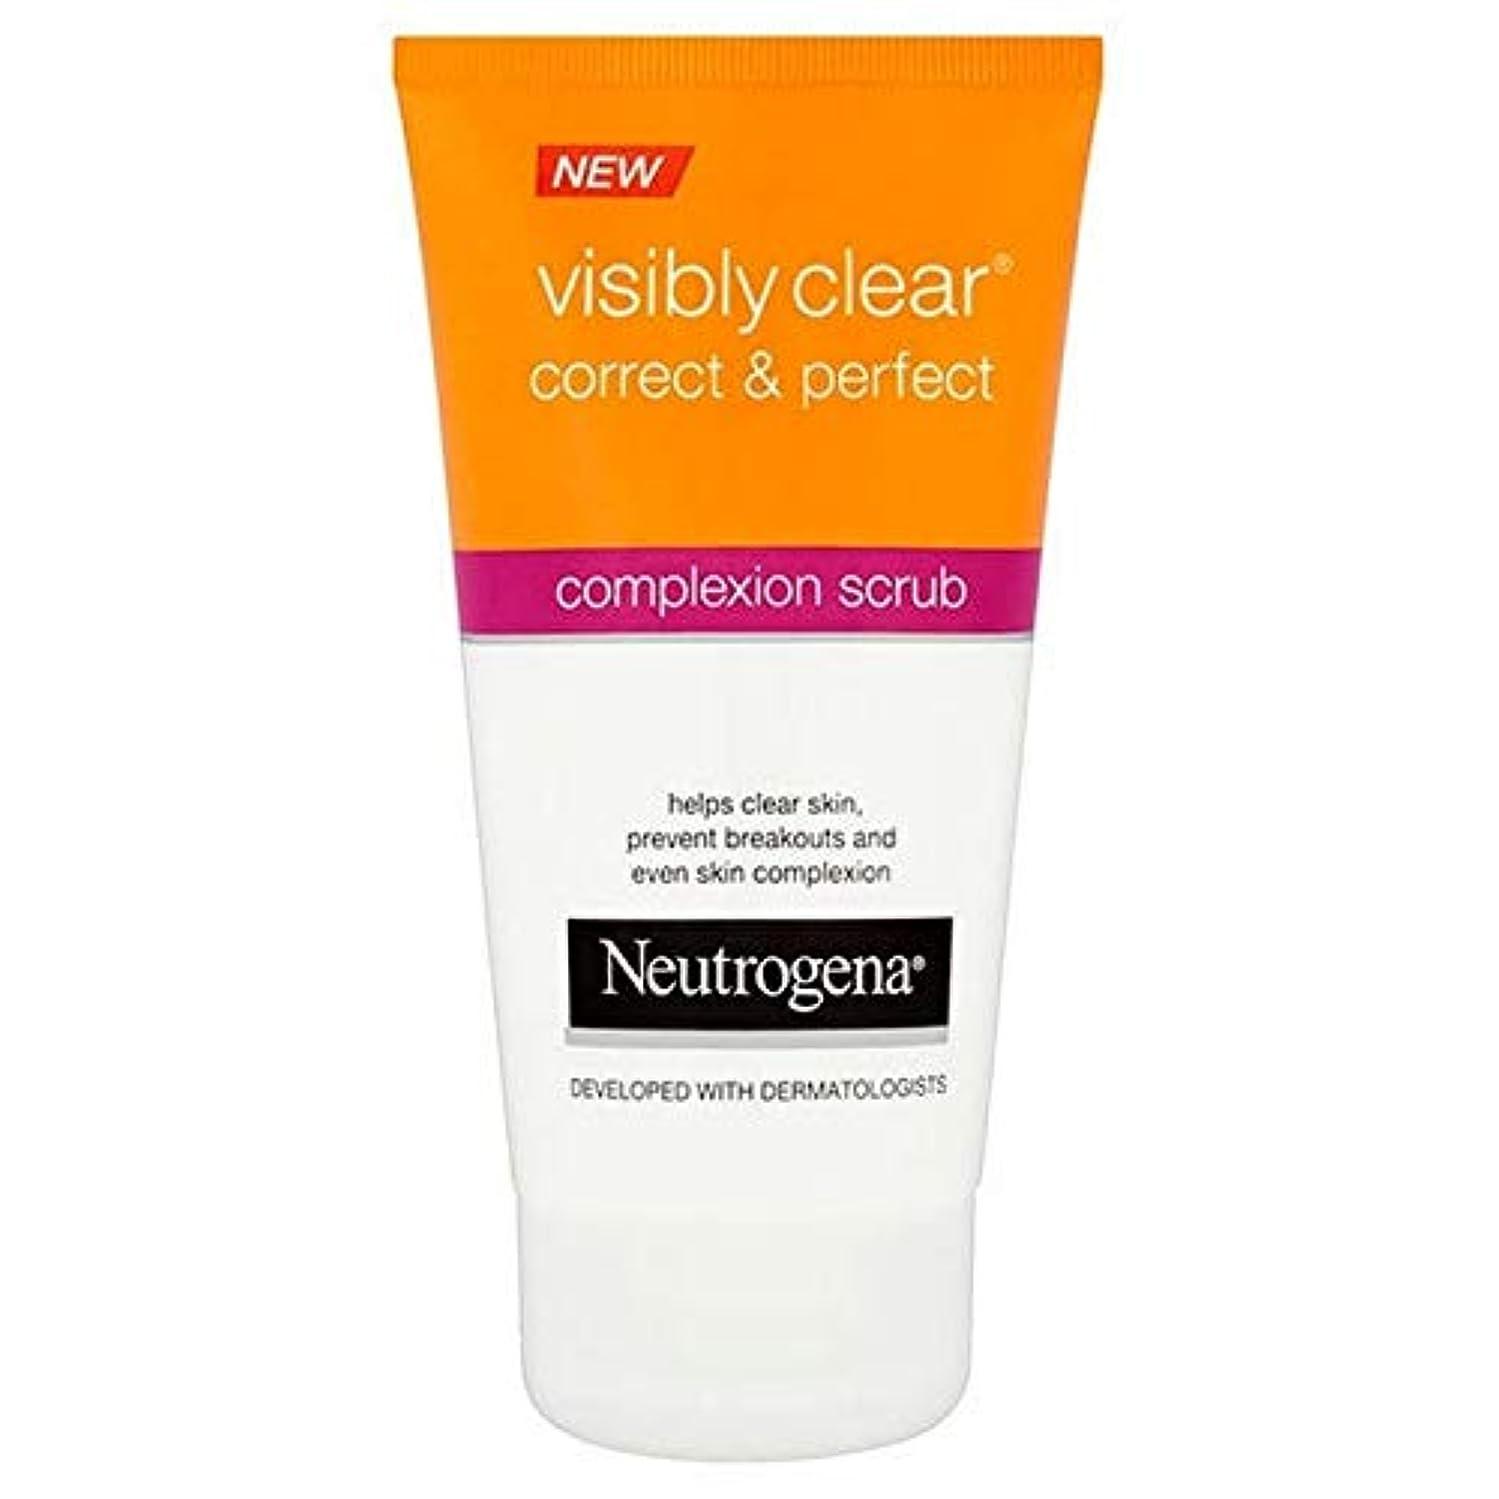 土踏み台ジョガー[Neutrogena] ニュートロジーナ目に見えて明らかに正しいと完璧な顔色スクラブ - Neutrogena Visibly Clear Correct & Perfect Complexion Scrub [並行輸入品]